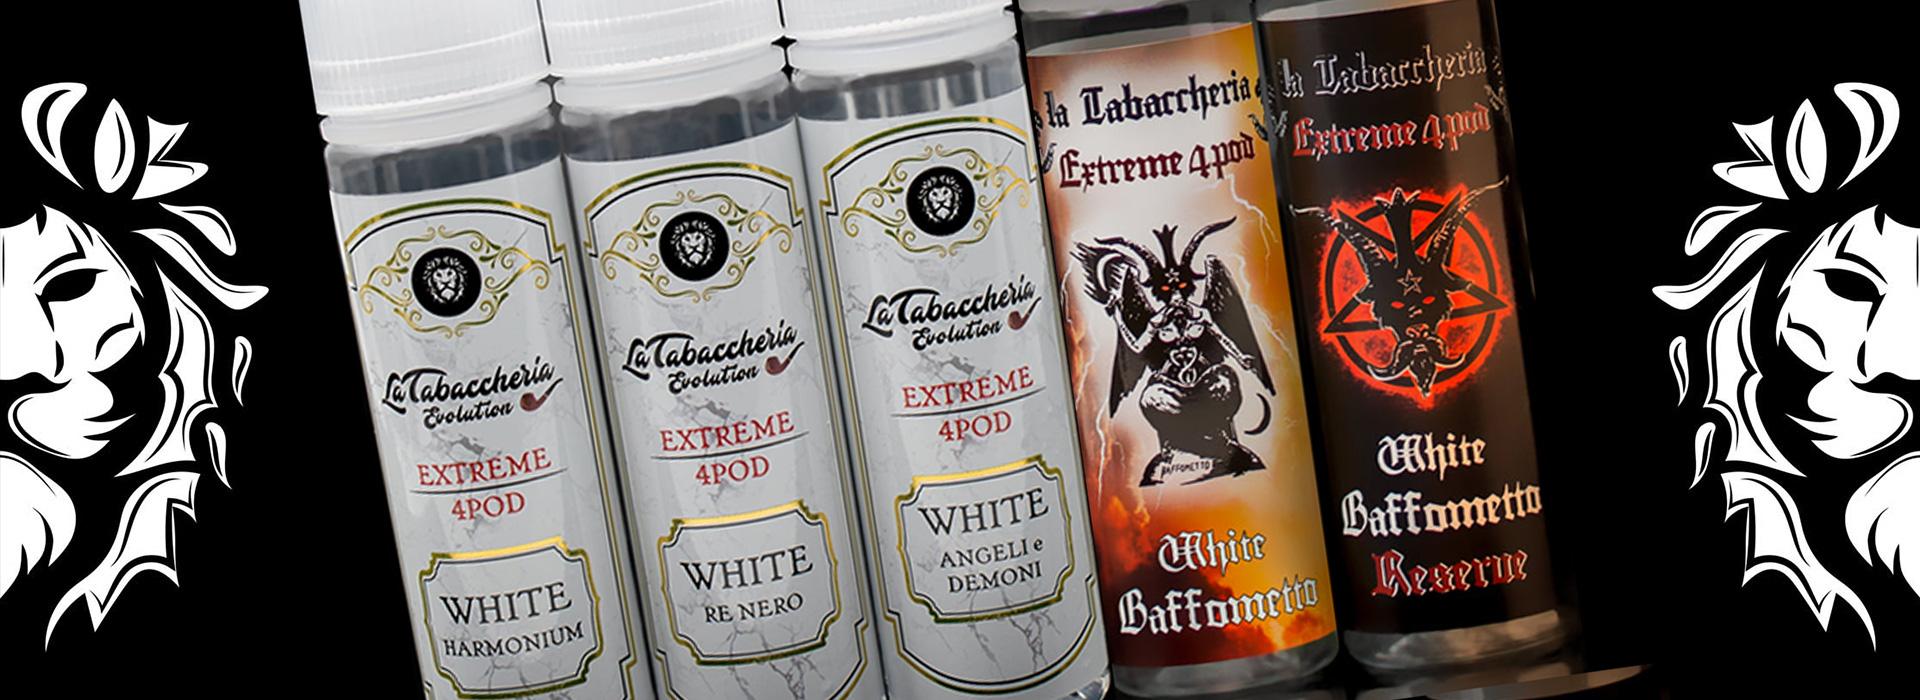 New White Tabaccheria